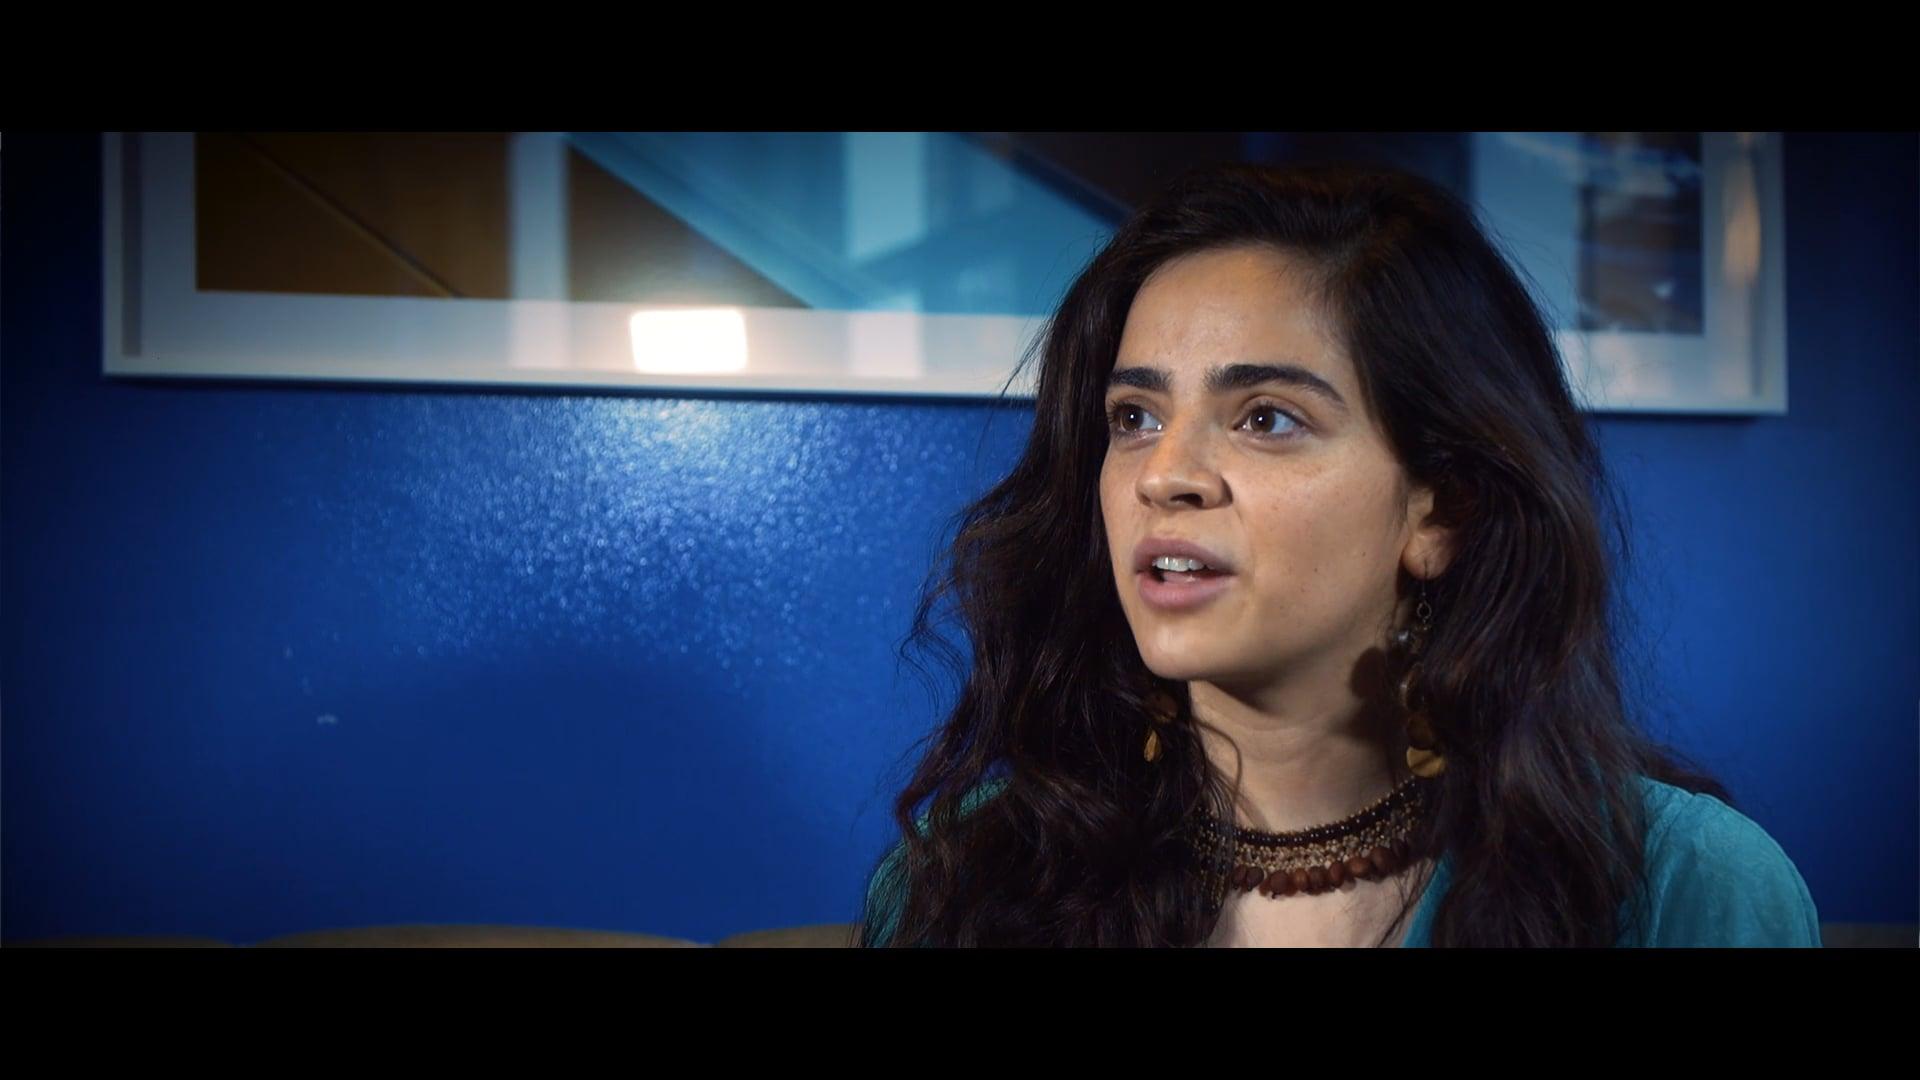 Sonera Angel - Actor